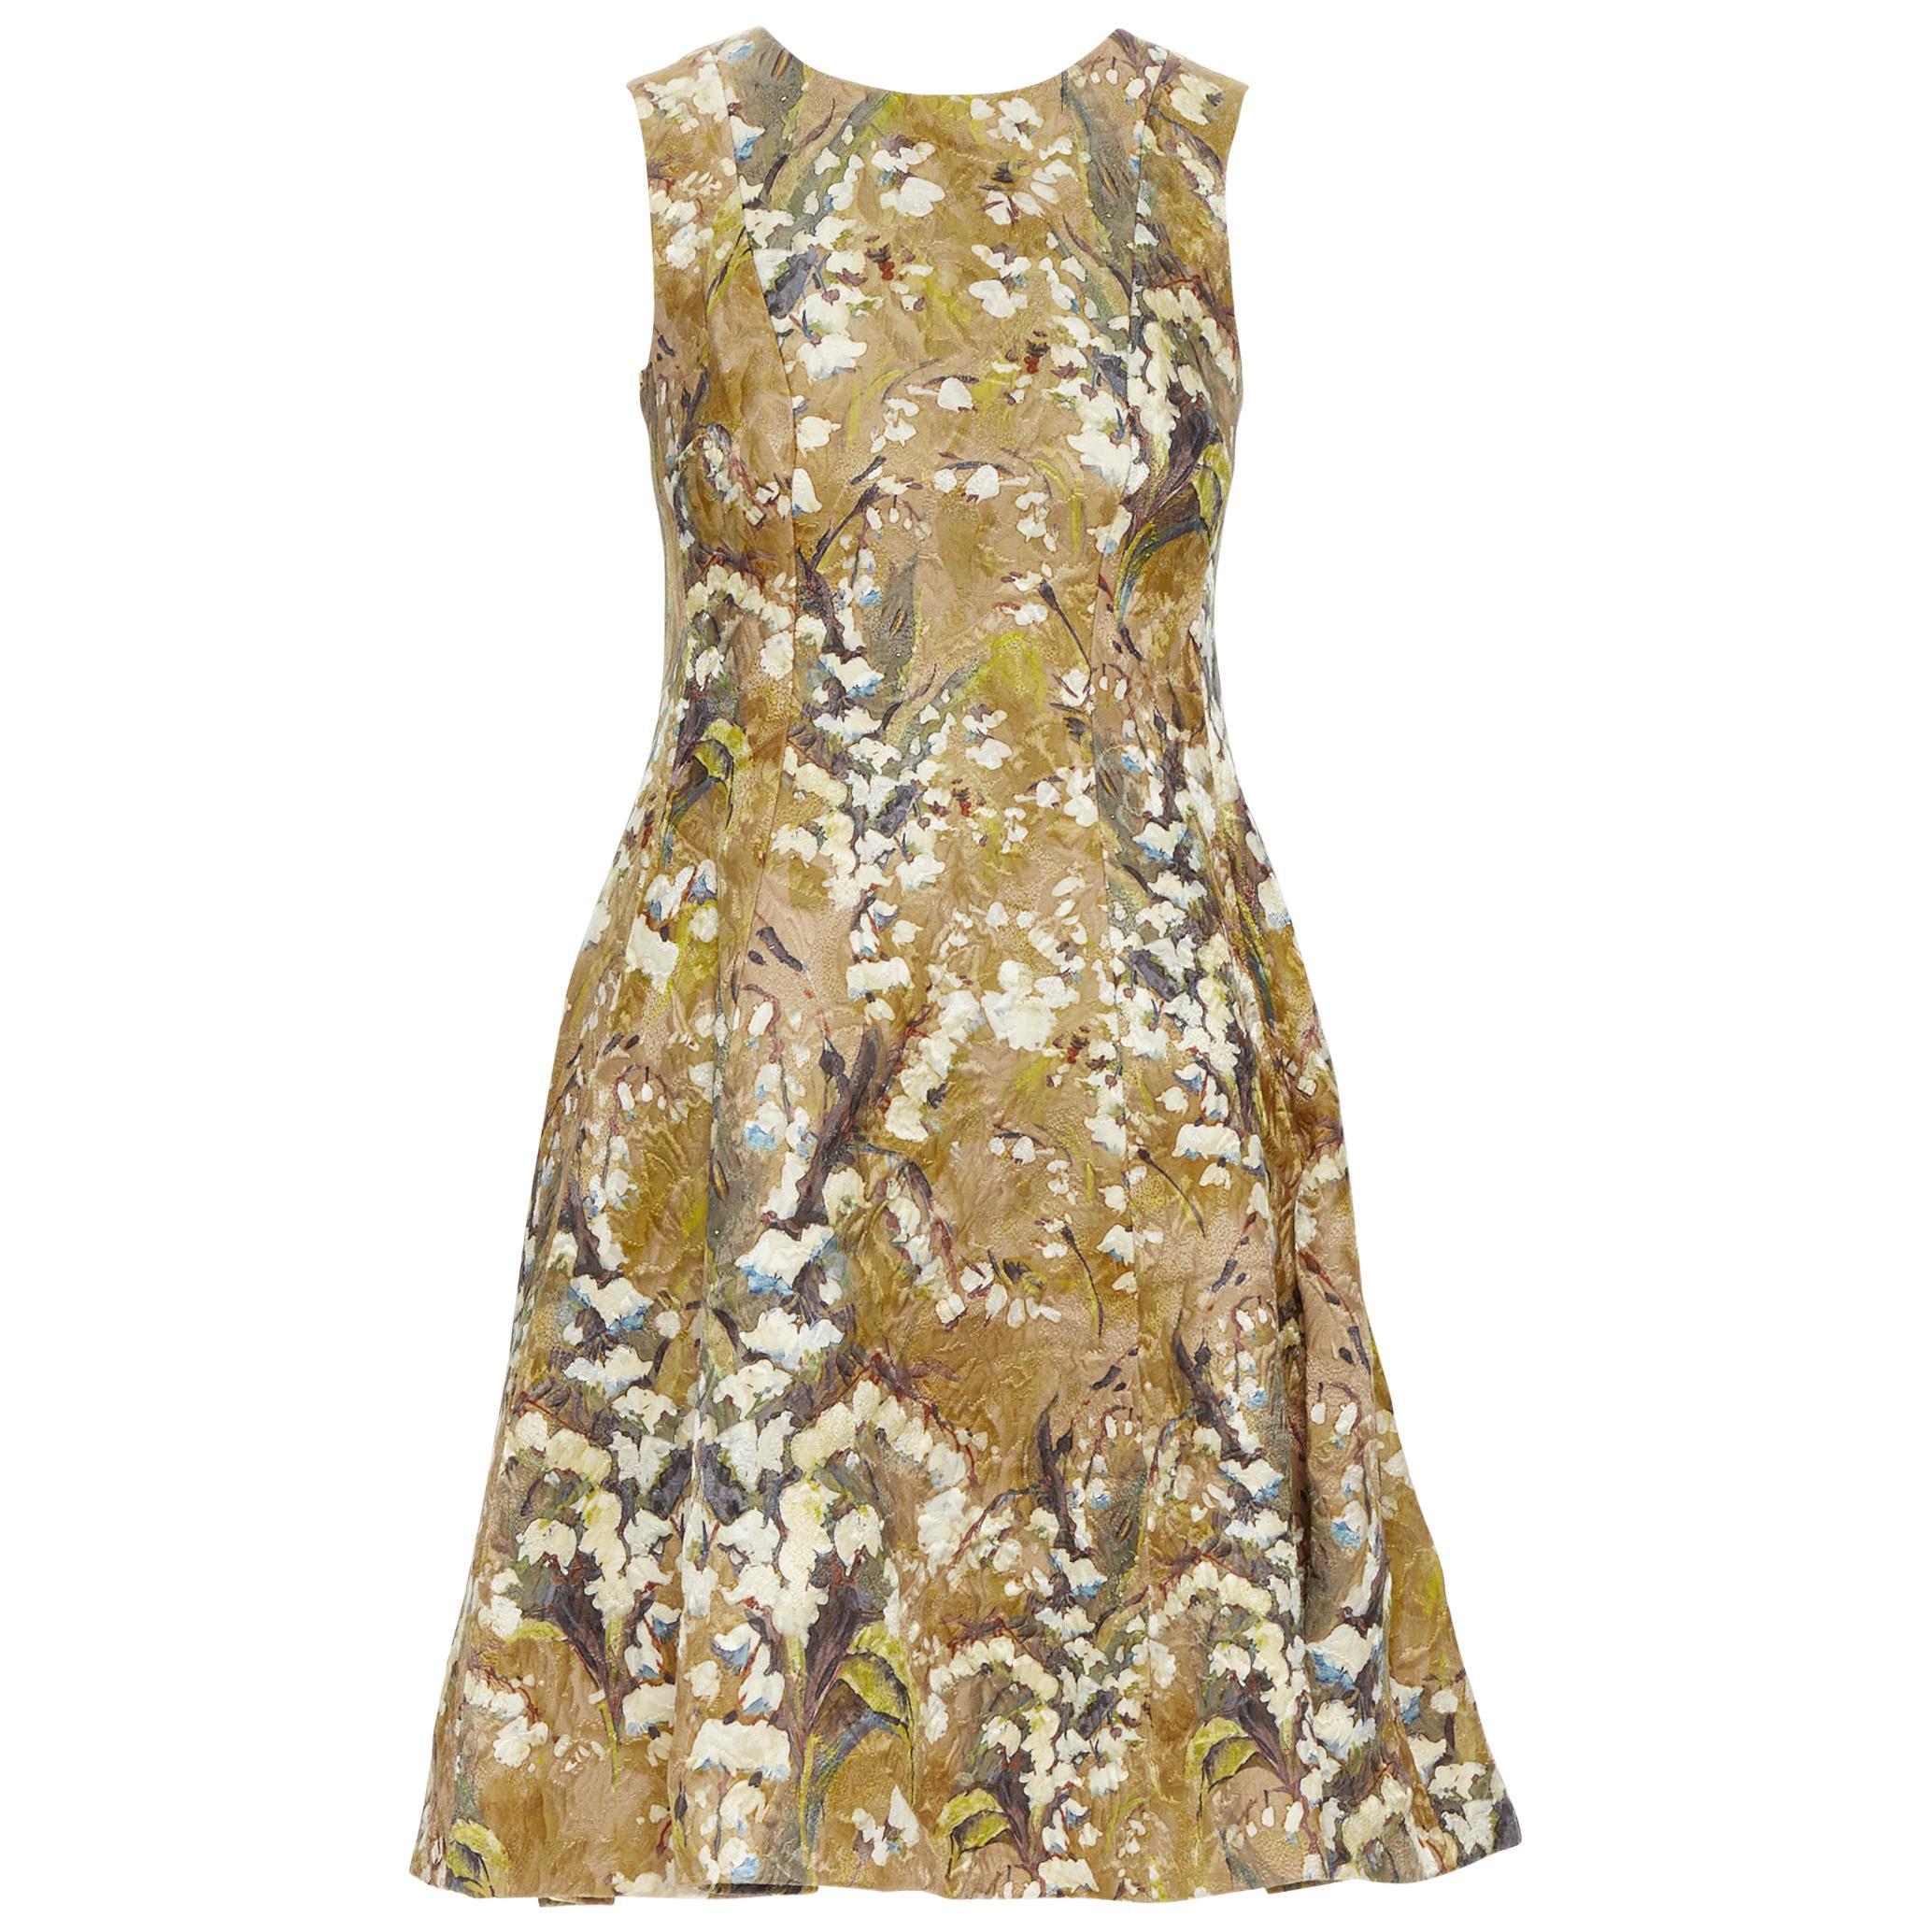 DOLCE GABBANA khaki floral blossom jewel button jacquard flared dress  IT36 XS